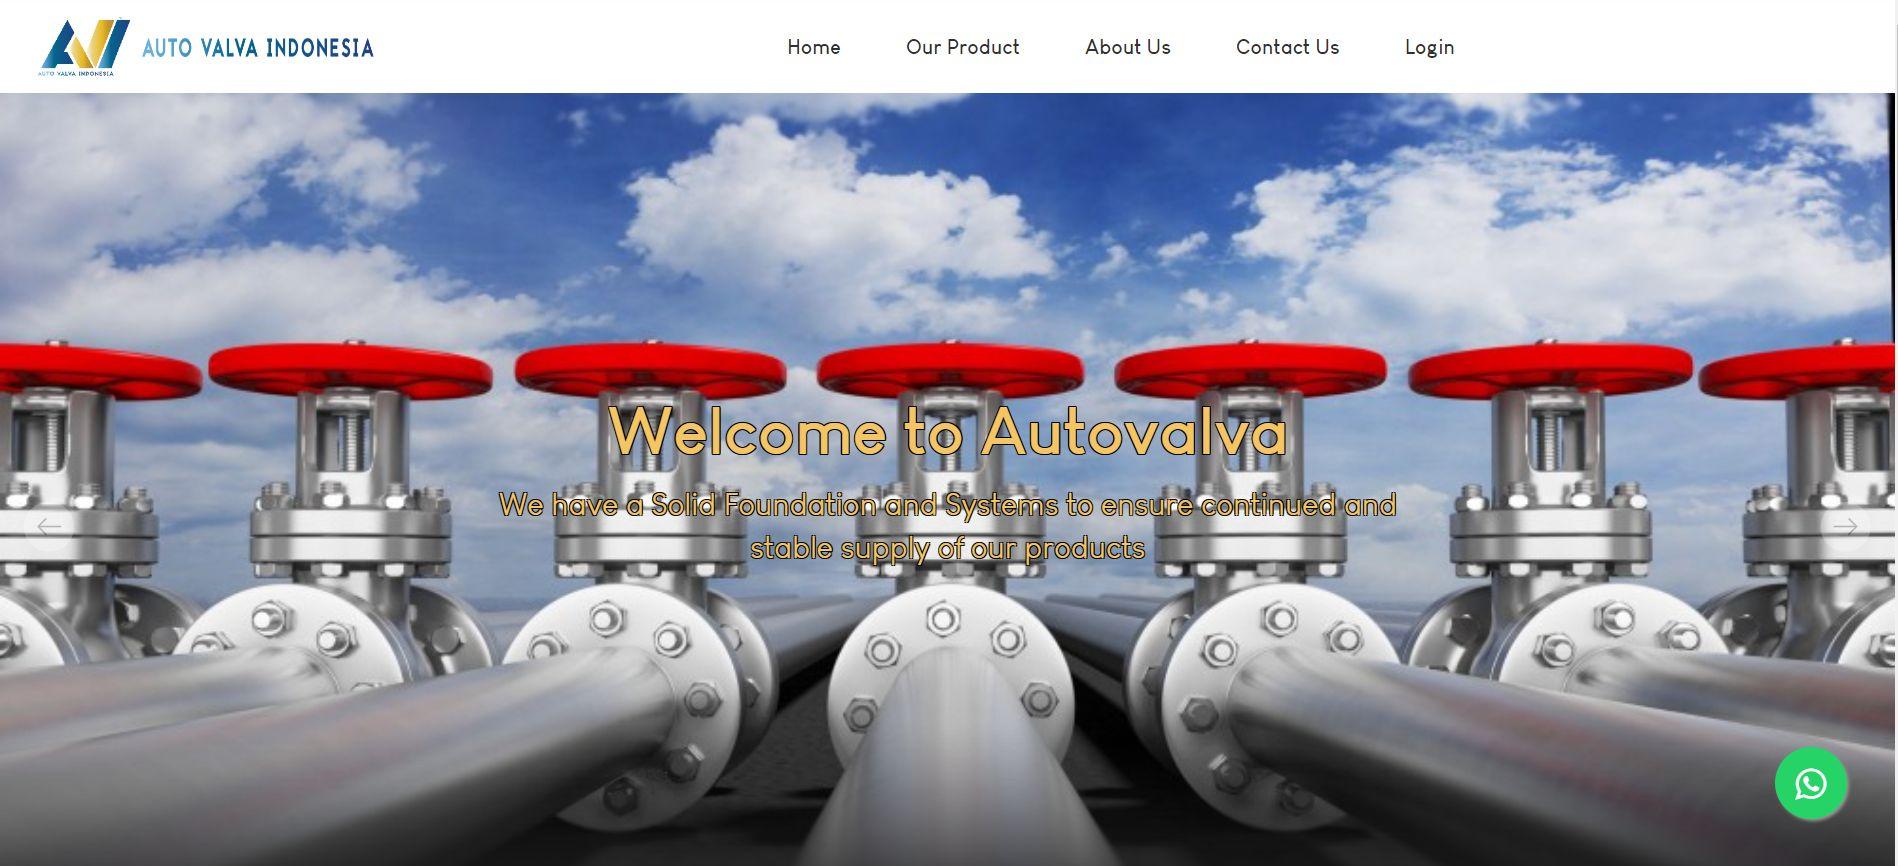 Web Company Profile Autovalva